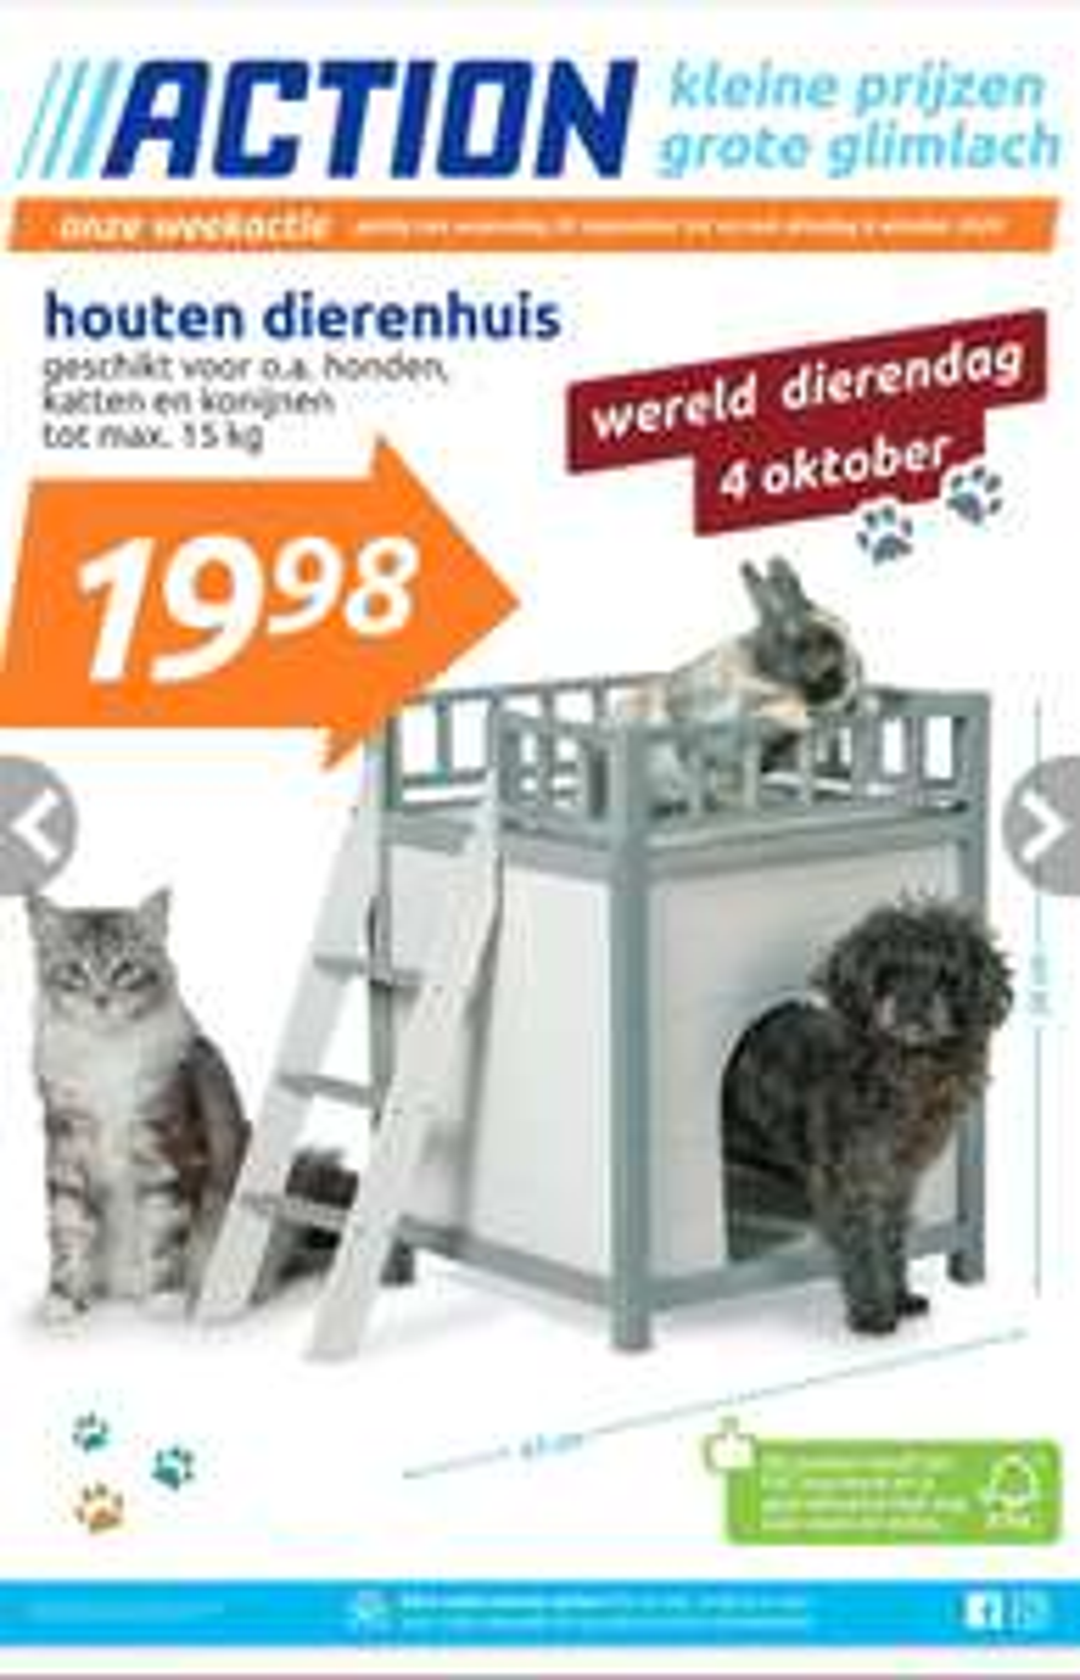 Houten dierenhuis voor €19,98 @ Action